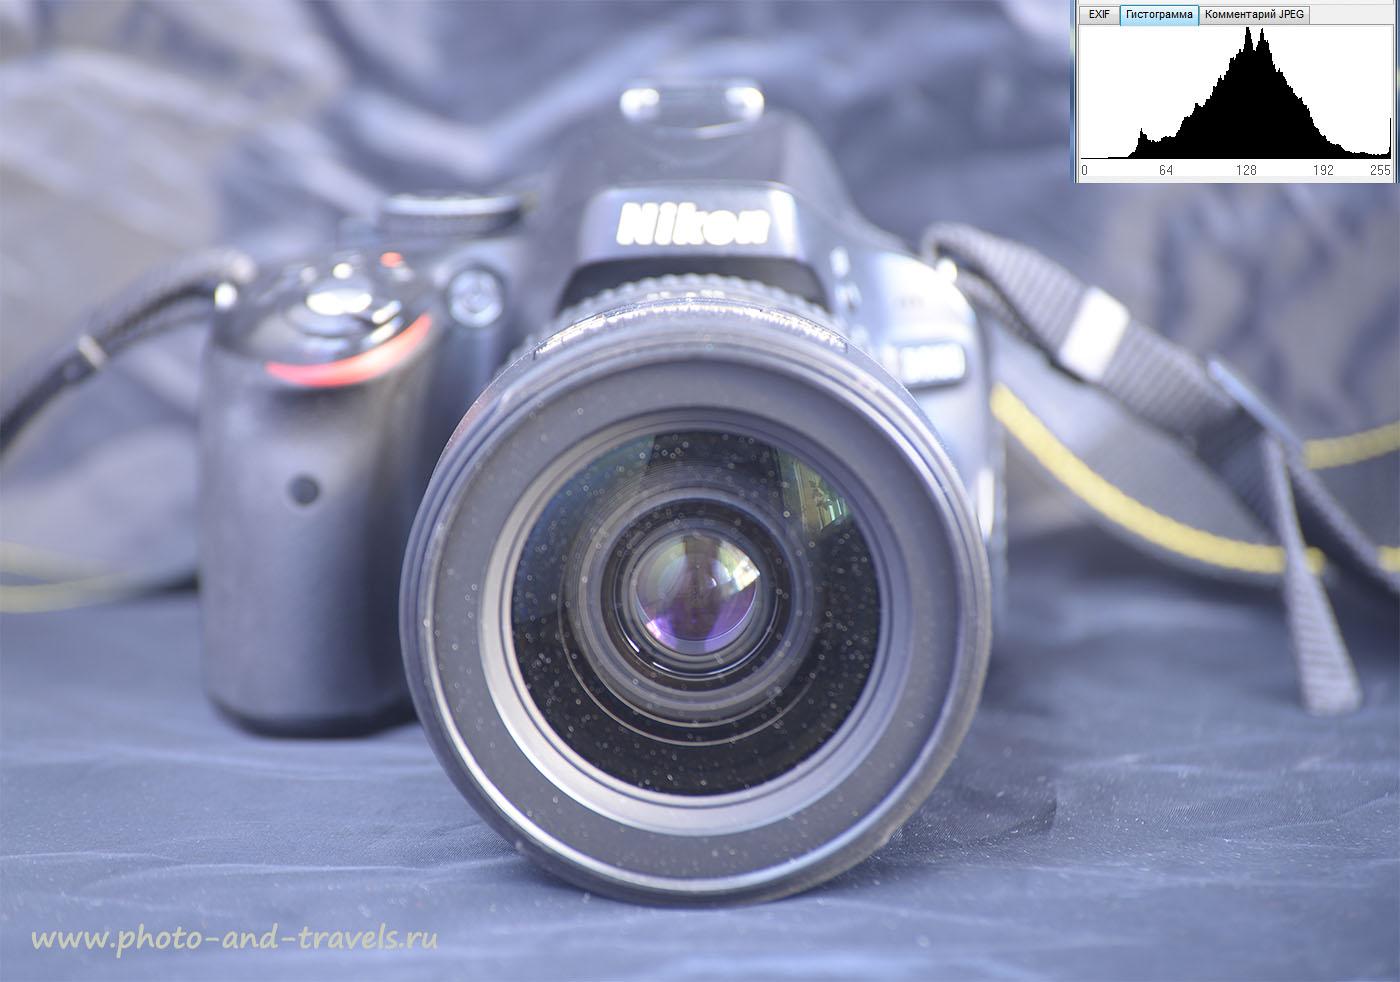 Фото 11. Когда мы фотографируем черную зеркалку Nikon D5100 с репортажным объективом Nikon 17-55/2.8 на черном же фоне, и не вводим экспокоррекцию, снимок тоже получается серым. 6 секунд, 0EV, f/4.8, 100, 145 мм.